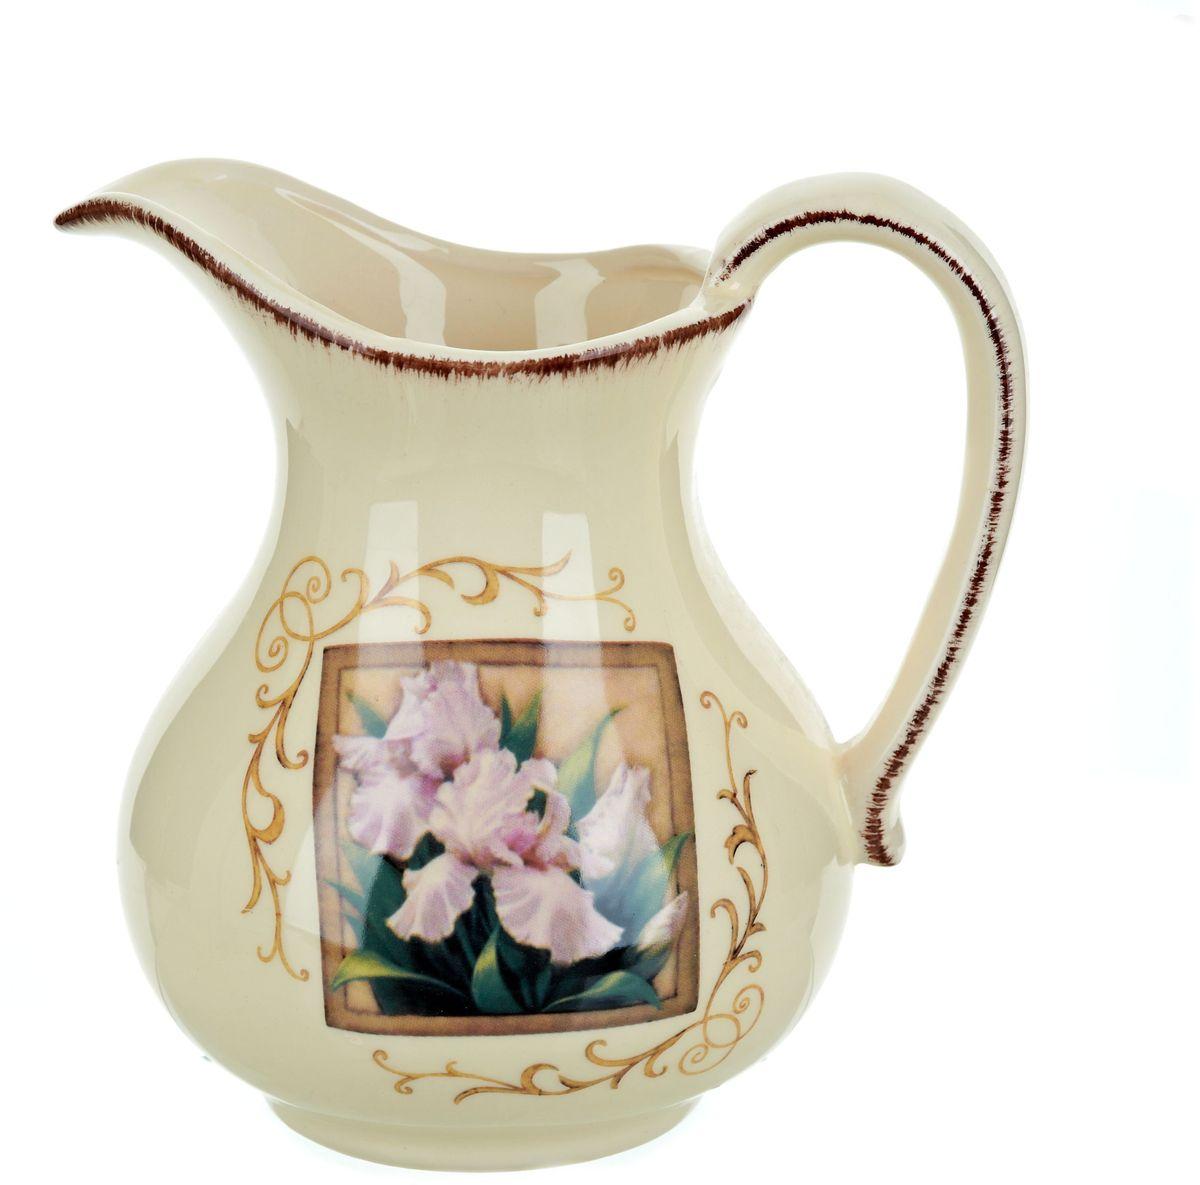 Кувшин ENS Group Розовый ирис, 1,28 л0280006Кувшин Розовый ирис изготовлен из высококачественной керамики, декорирован узорами и изображением ириса в рамке. Кувшин оснащен удобной ручкой. Прекрасно подходит для подачи воды, сока, компота и других напитков. В подарочной упаковке.Изящный кувшин красиво оформит стол и порадует вас элегантным дизайном и простотой ухода.